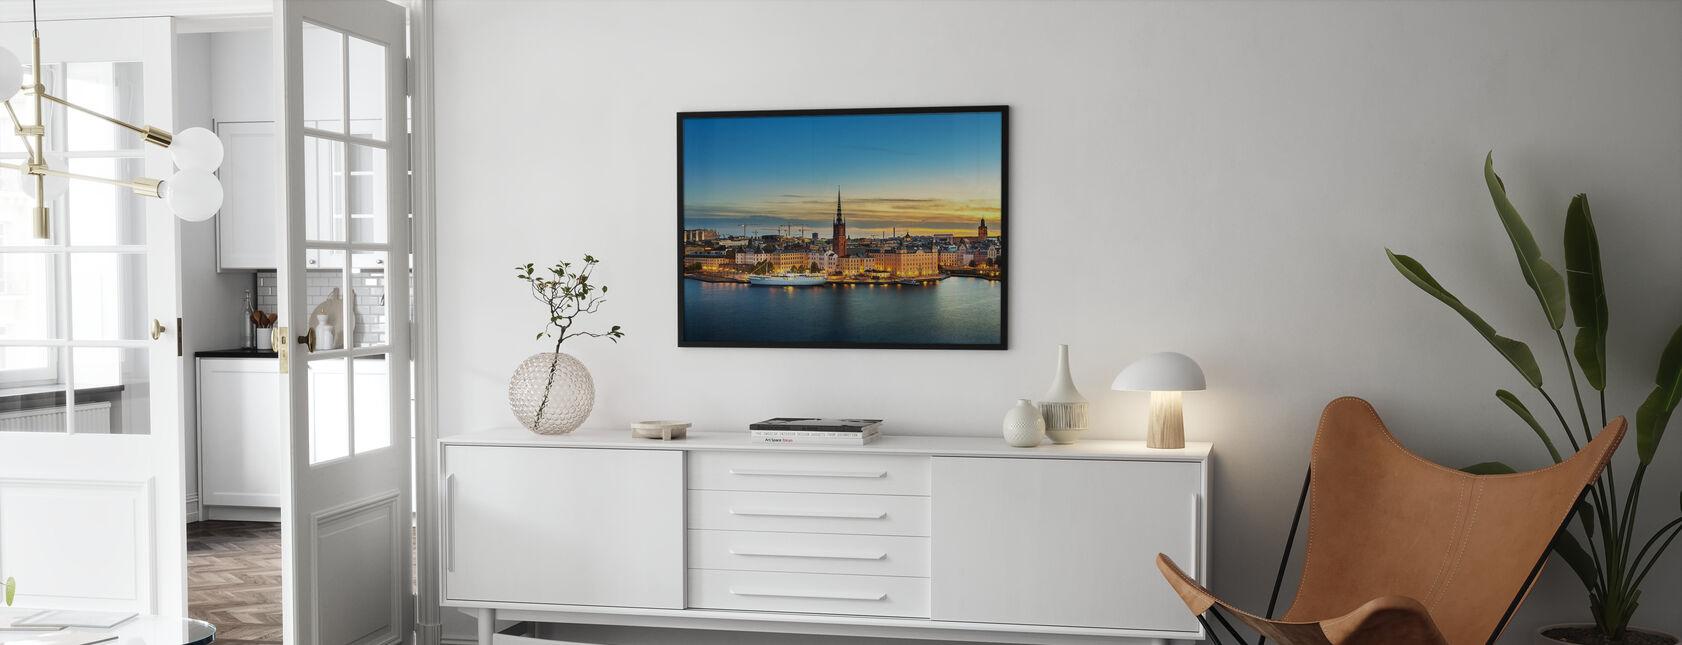 Sunset over Riddarholmen Stockholm - Framed print - Living Room